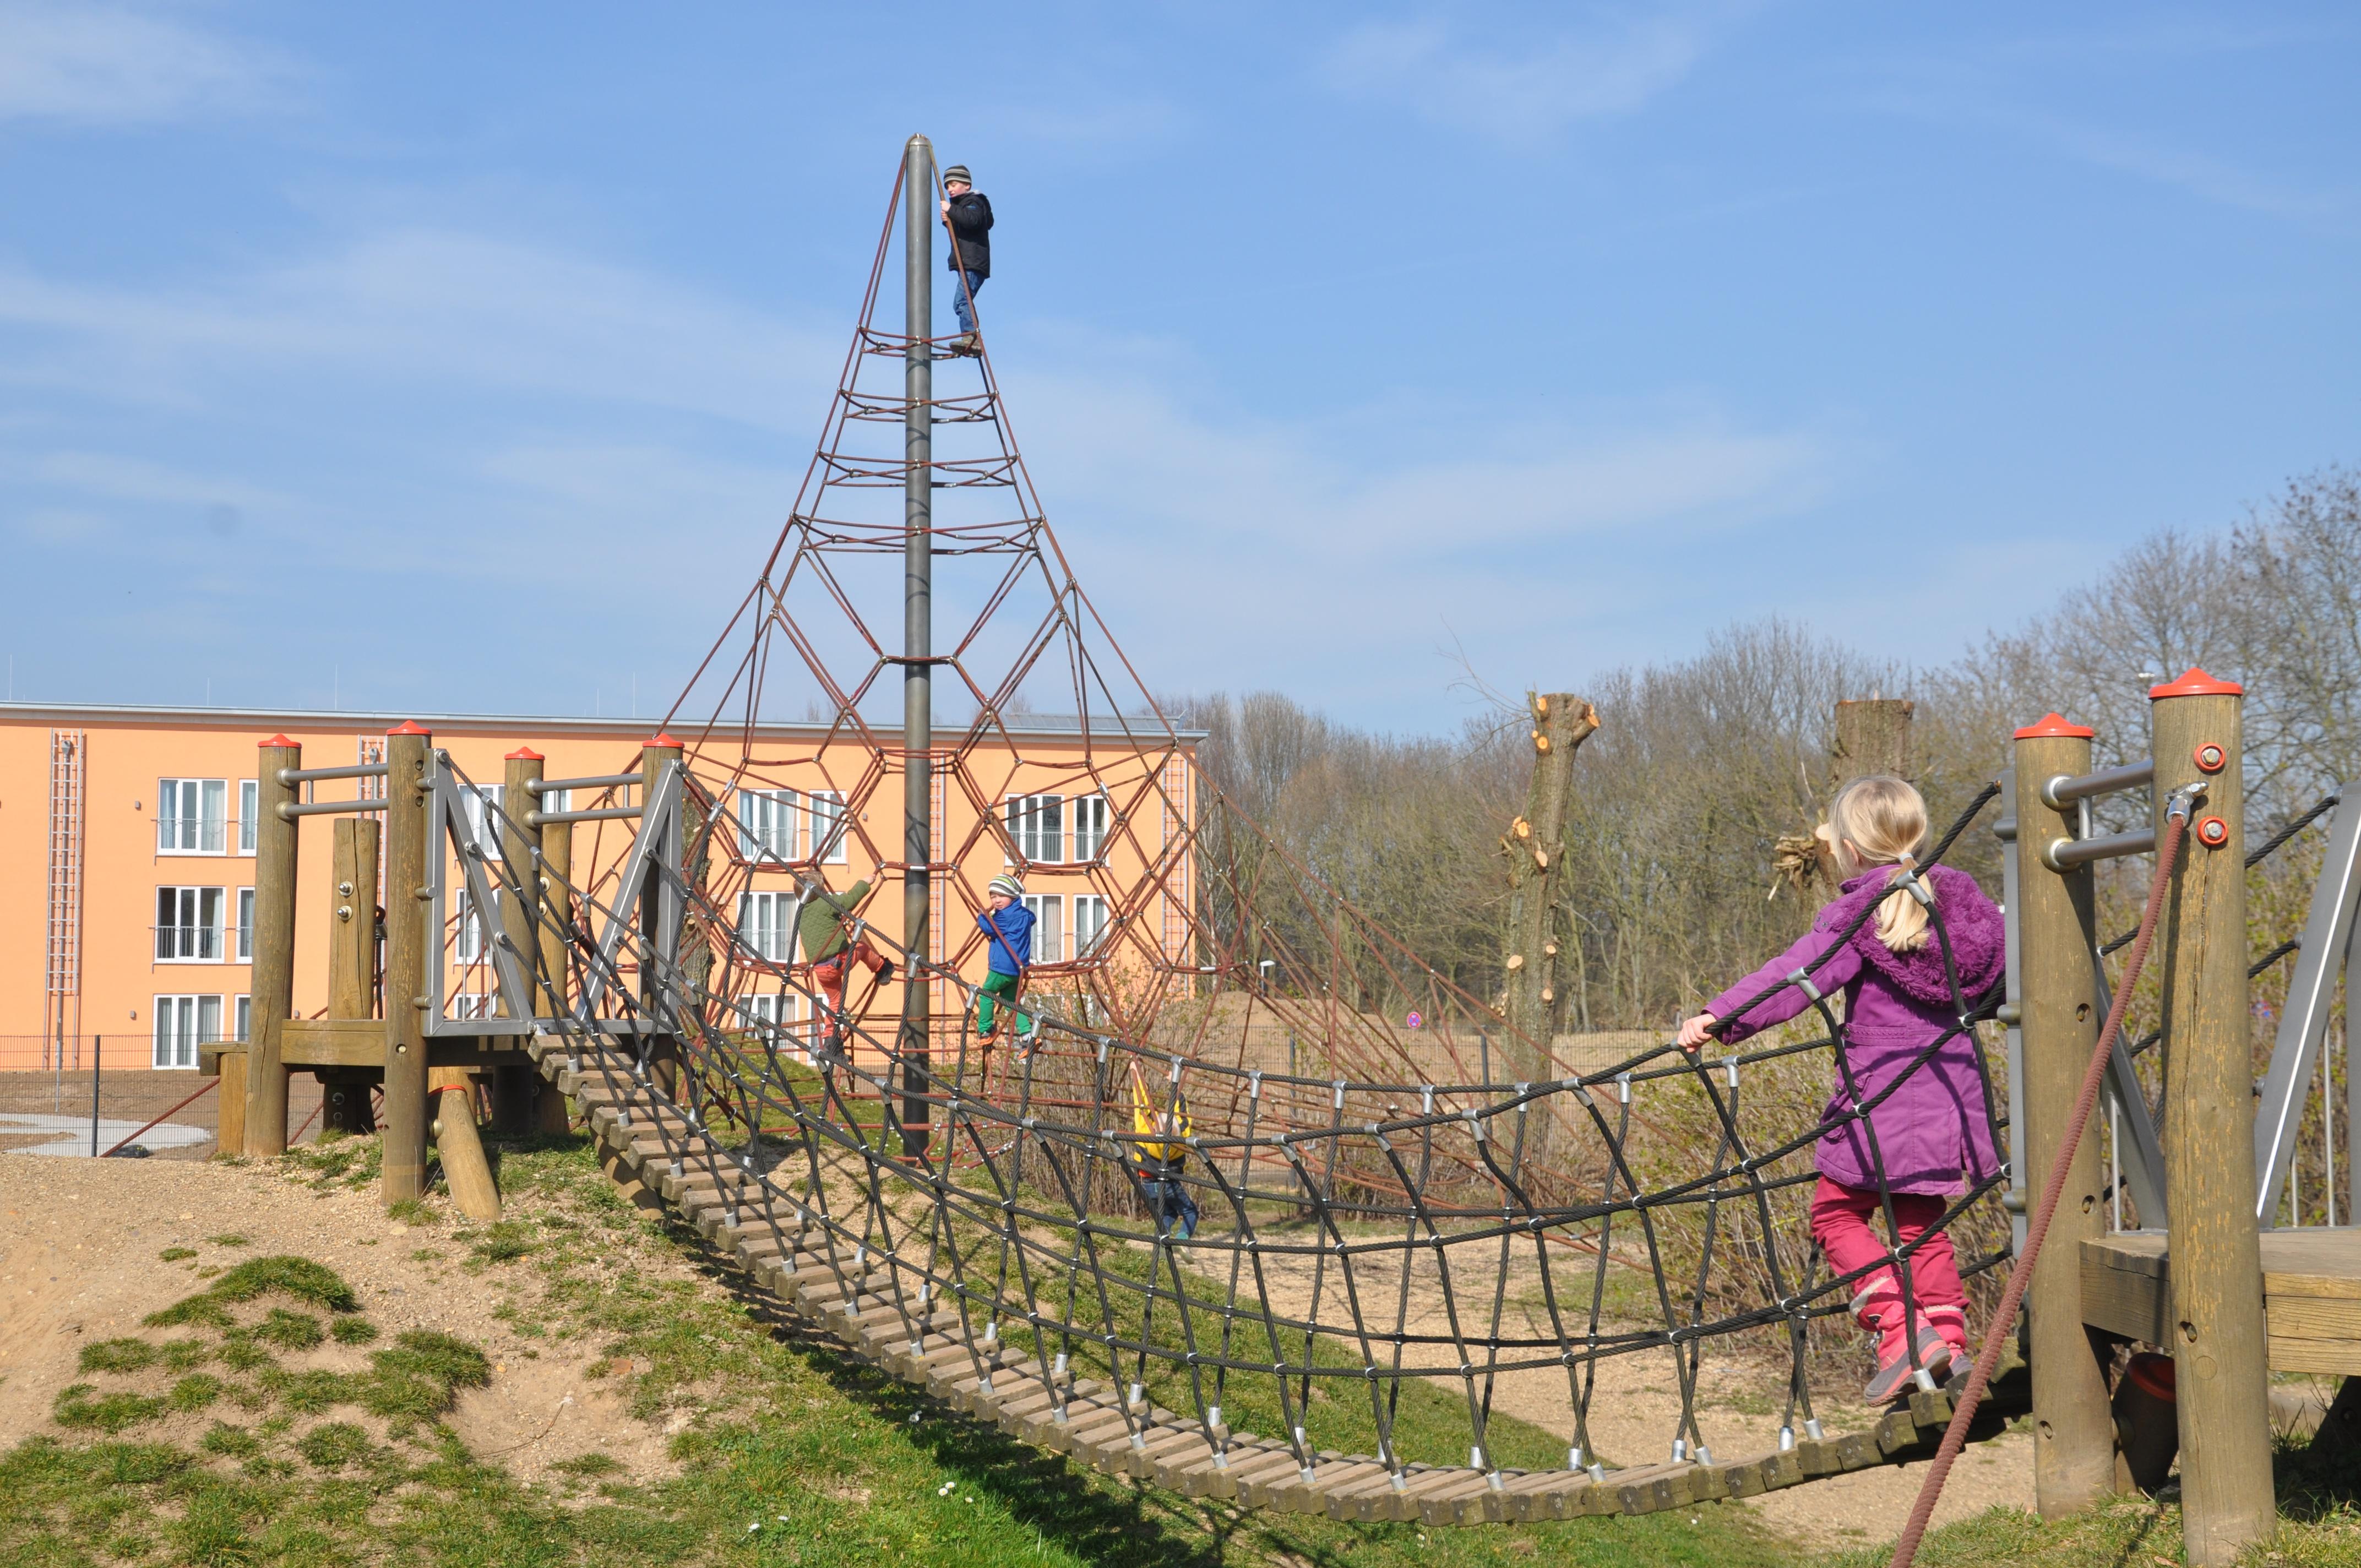 Kind geht über Hängebrücke am Spielplatz am JUFA Hotel Jülich. Der Ort für kinderfreundlichen und erlebnisreichen Urlaub für die ganze Familie.